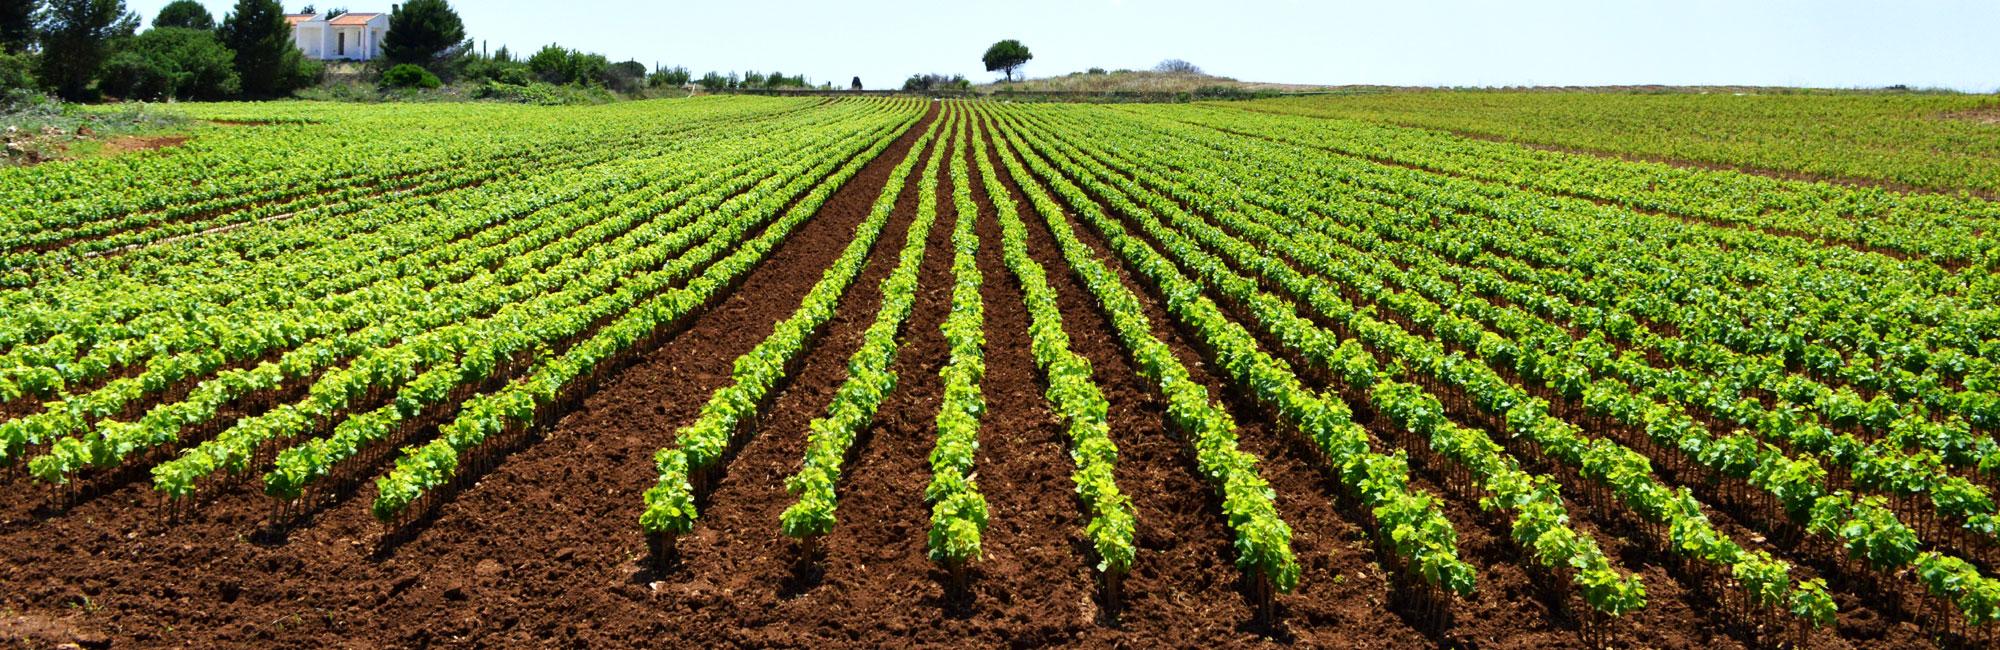 Puglia_vines